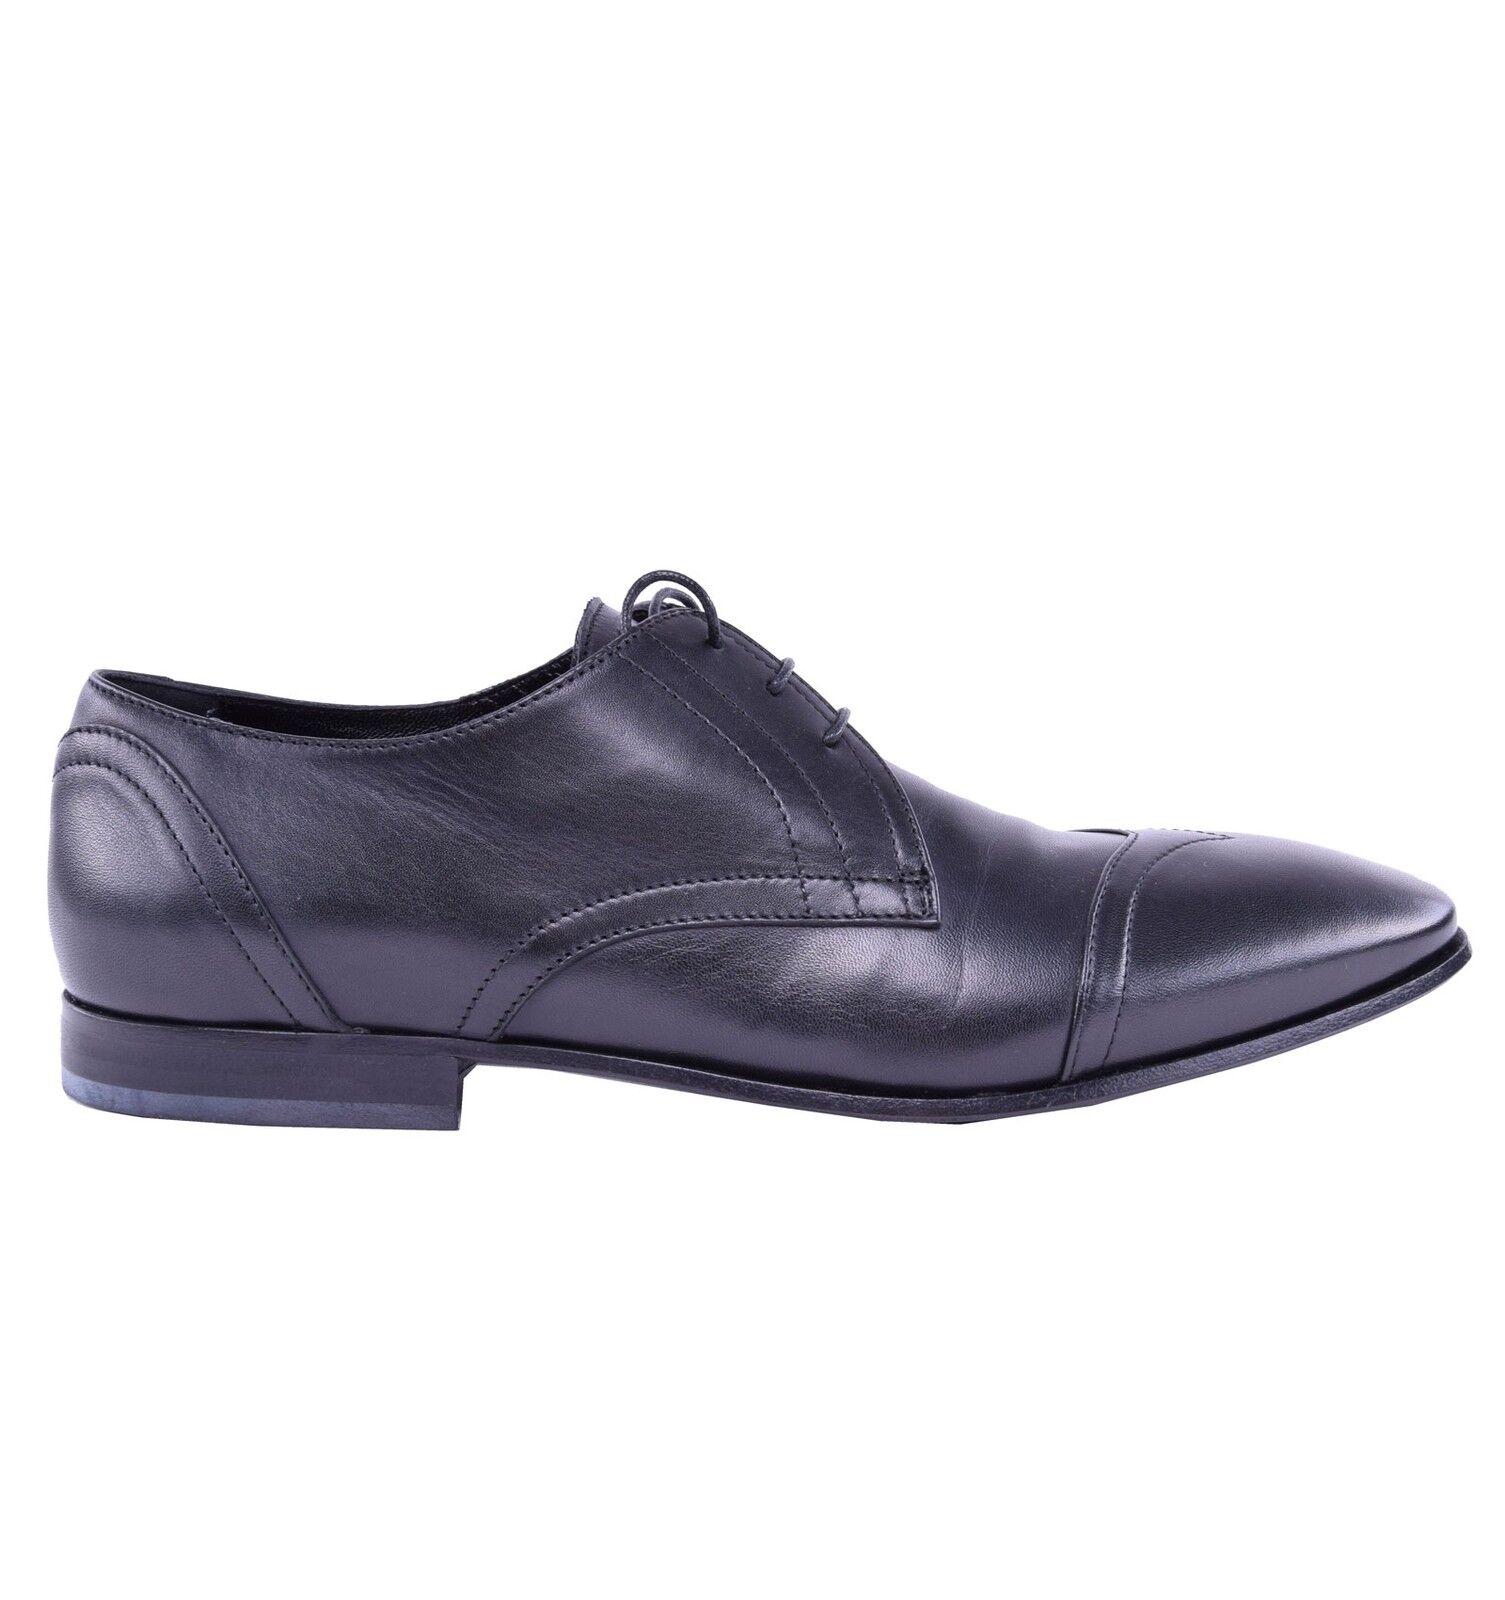 ti renderà soddisfatto JOHN GALLIANO GALLIANO GALLIANO Business Calf Leather scarpe nero 03968  benvenuto a scegliere